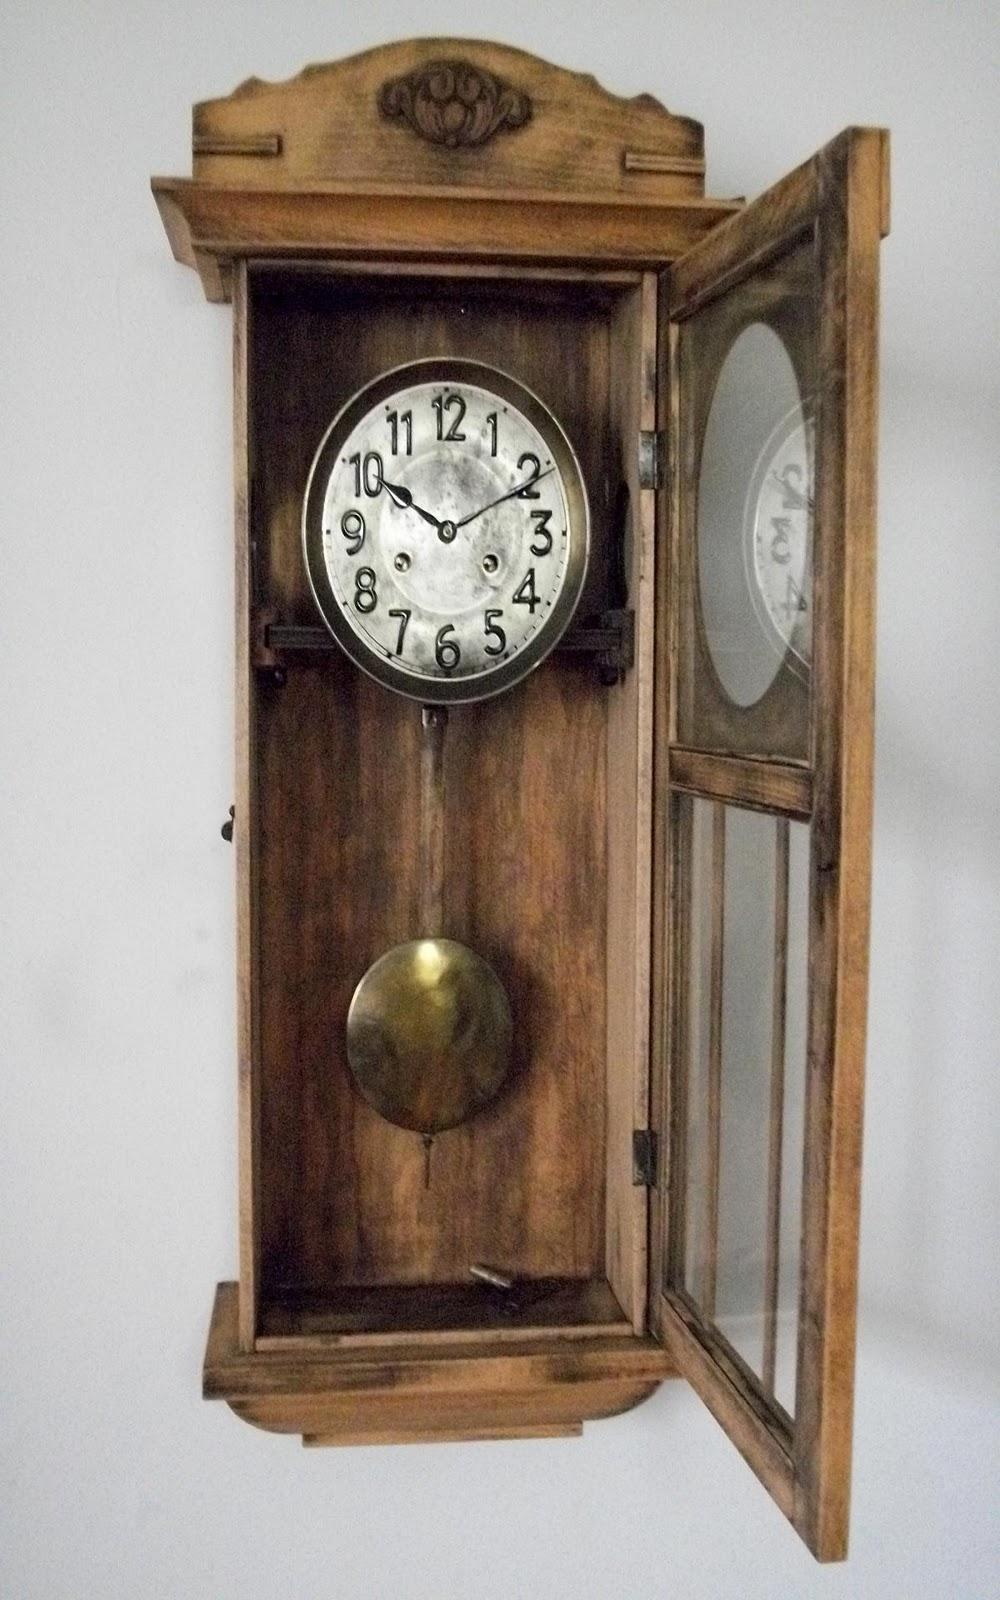 0c6849df253 Relogio de parede JUNGHANS modelo muito antigo. Bate hora e meia hora. Ano  aproximado de fabricação 1890. Caixa estilo Rústico.